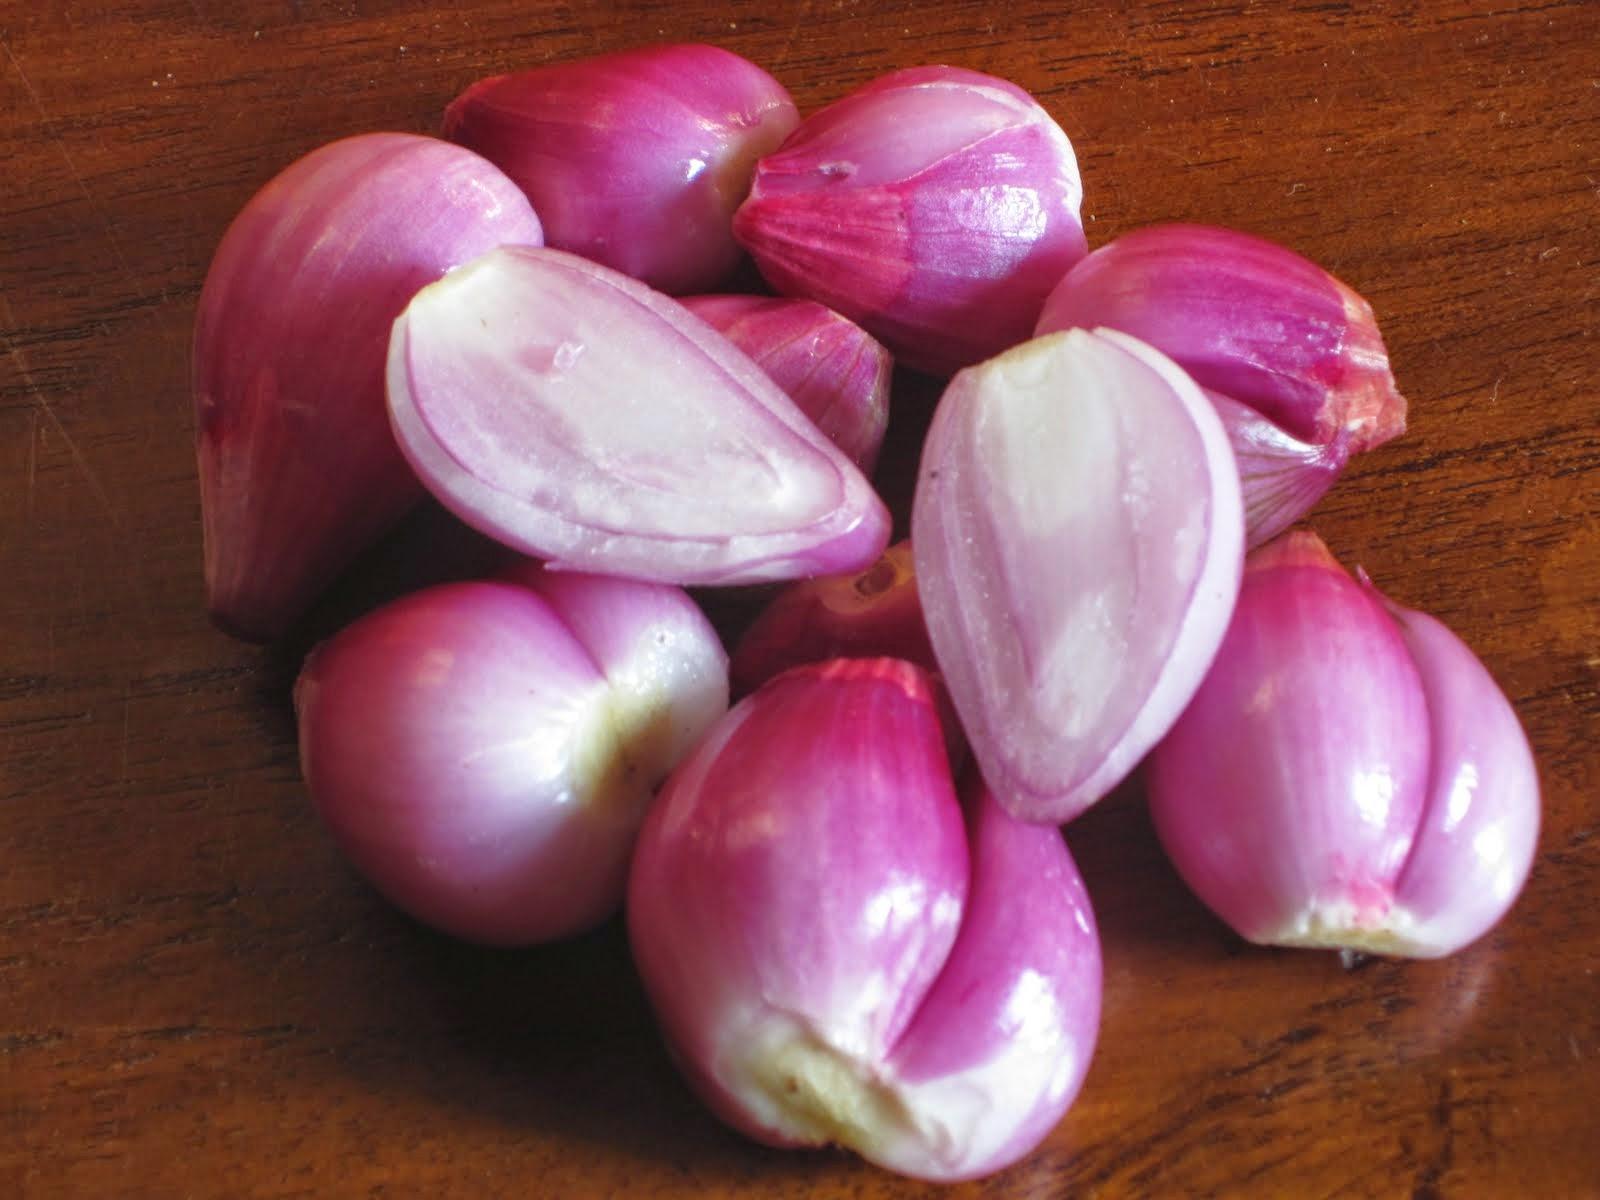 7 Obat Tradisional Kolesterol - bawang merah